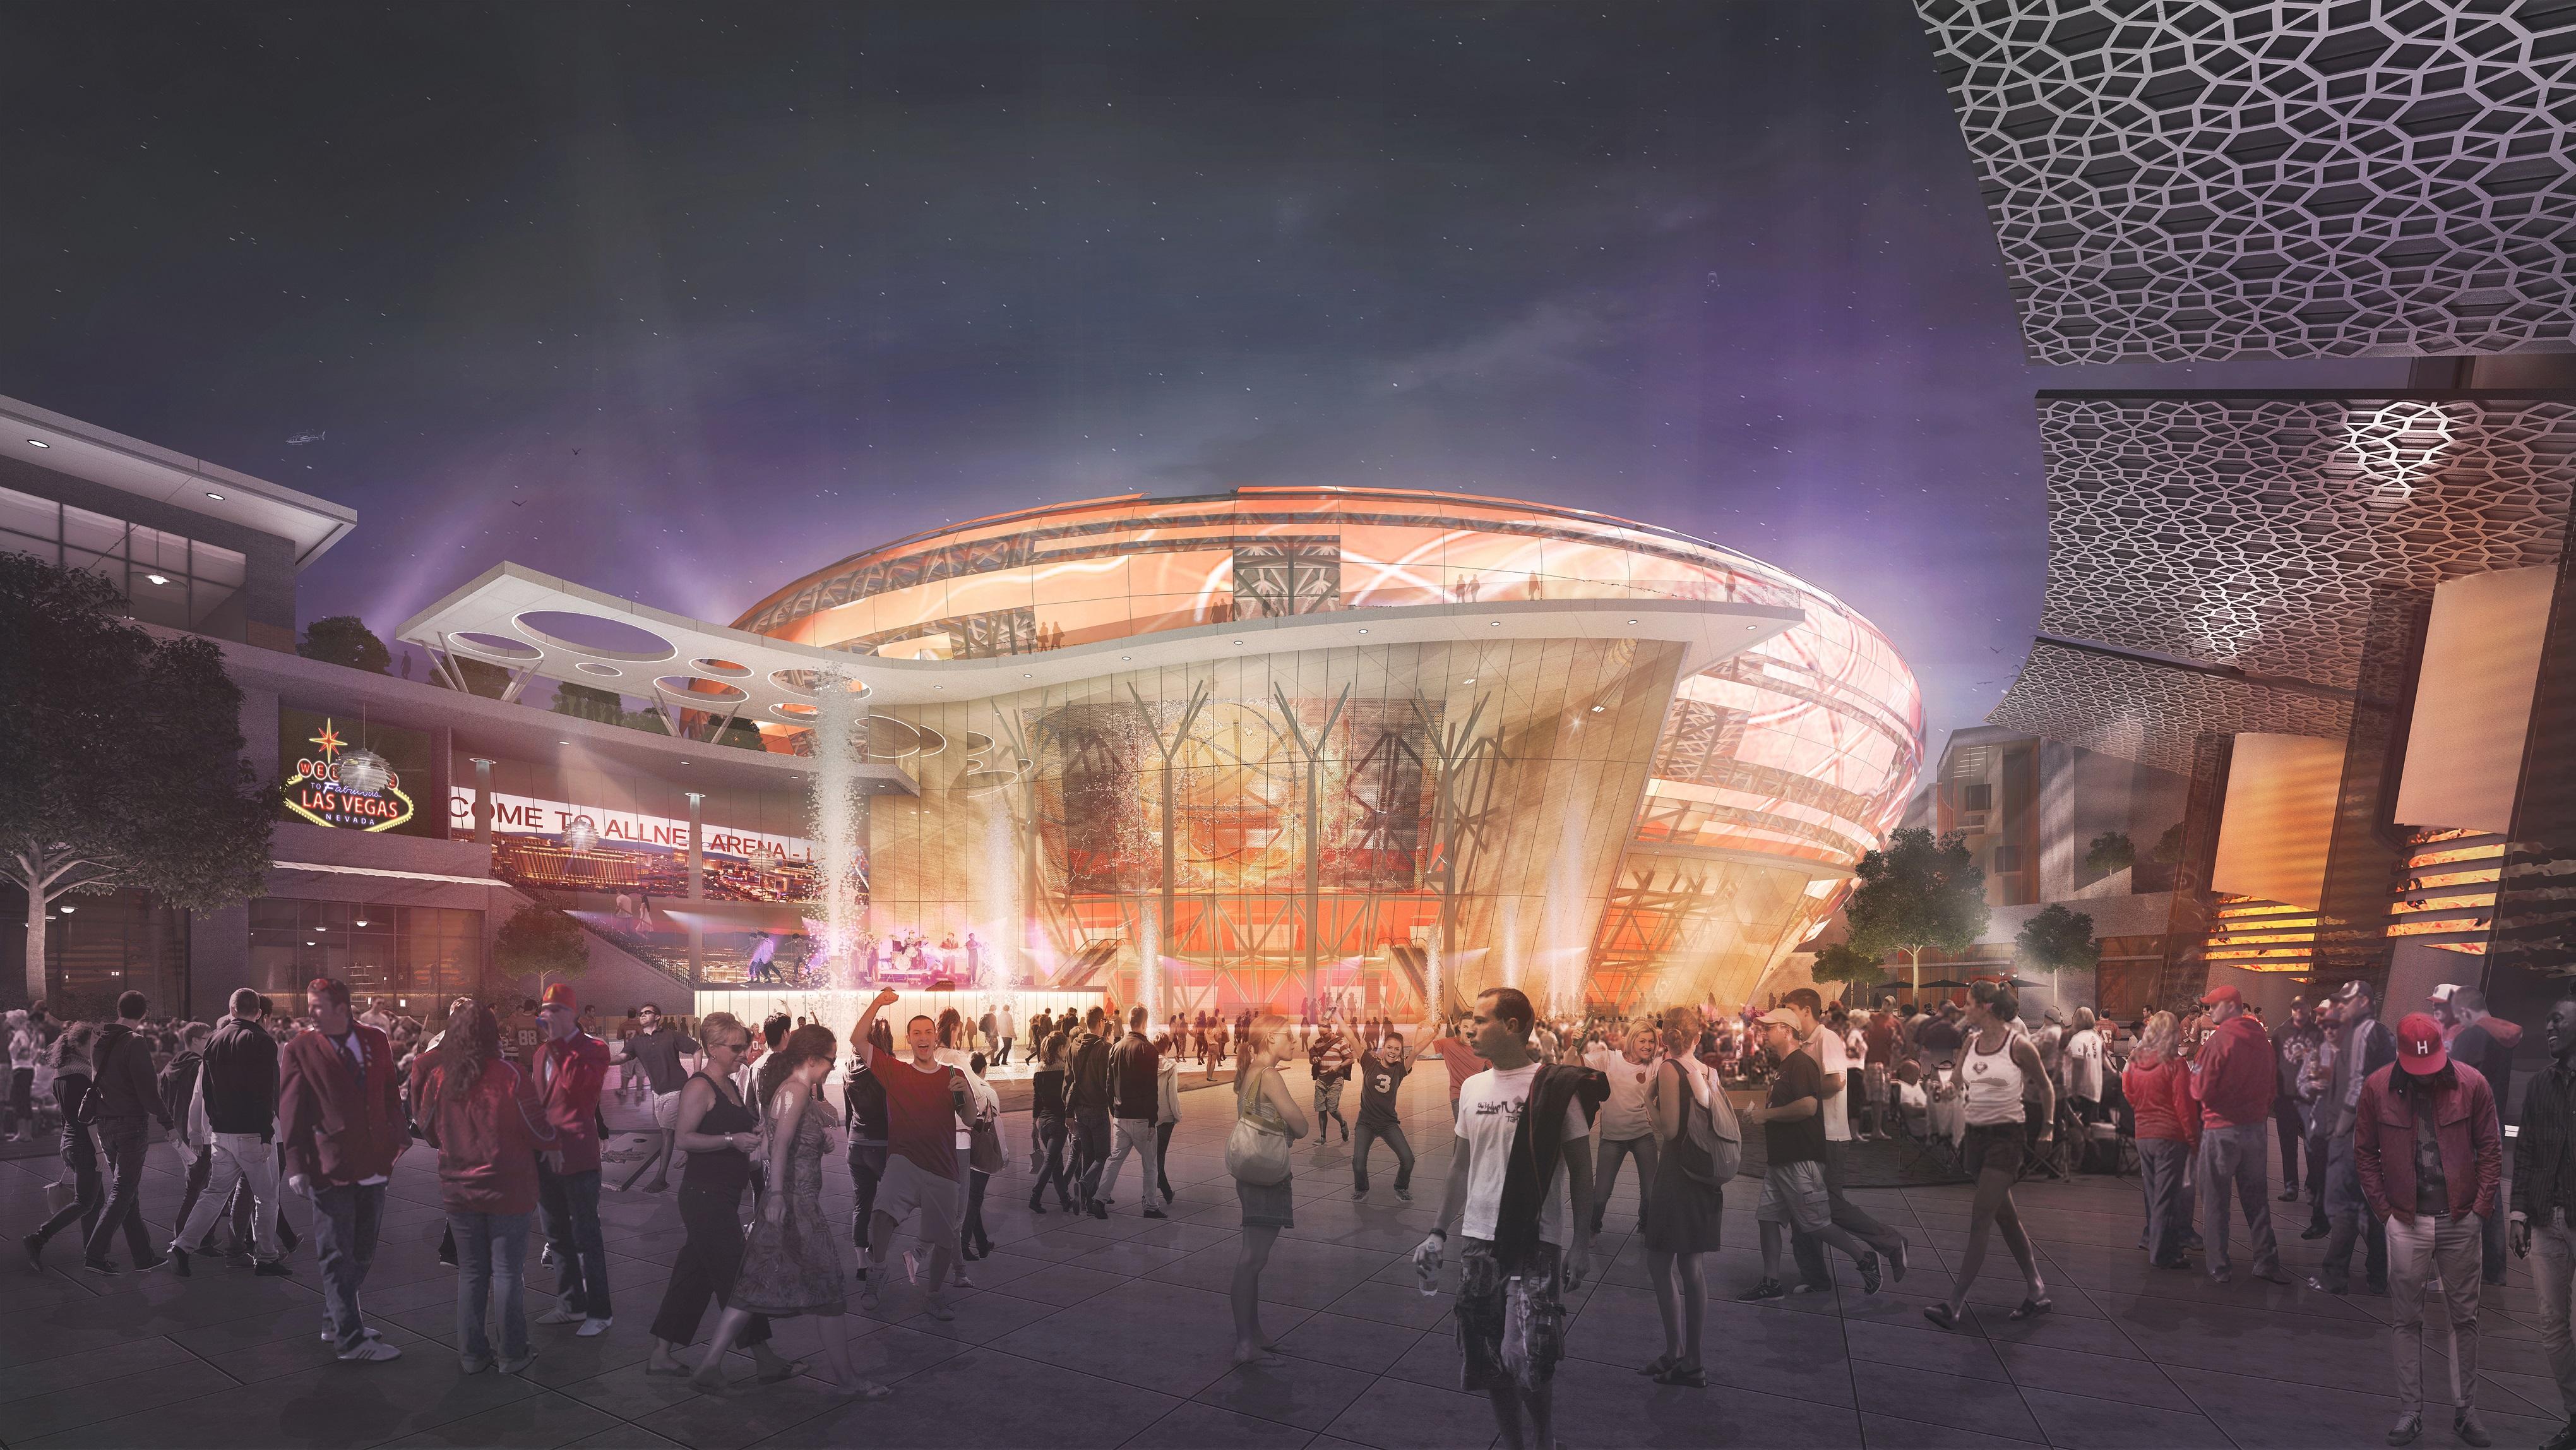 All Net Resort & Arena